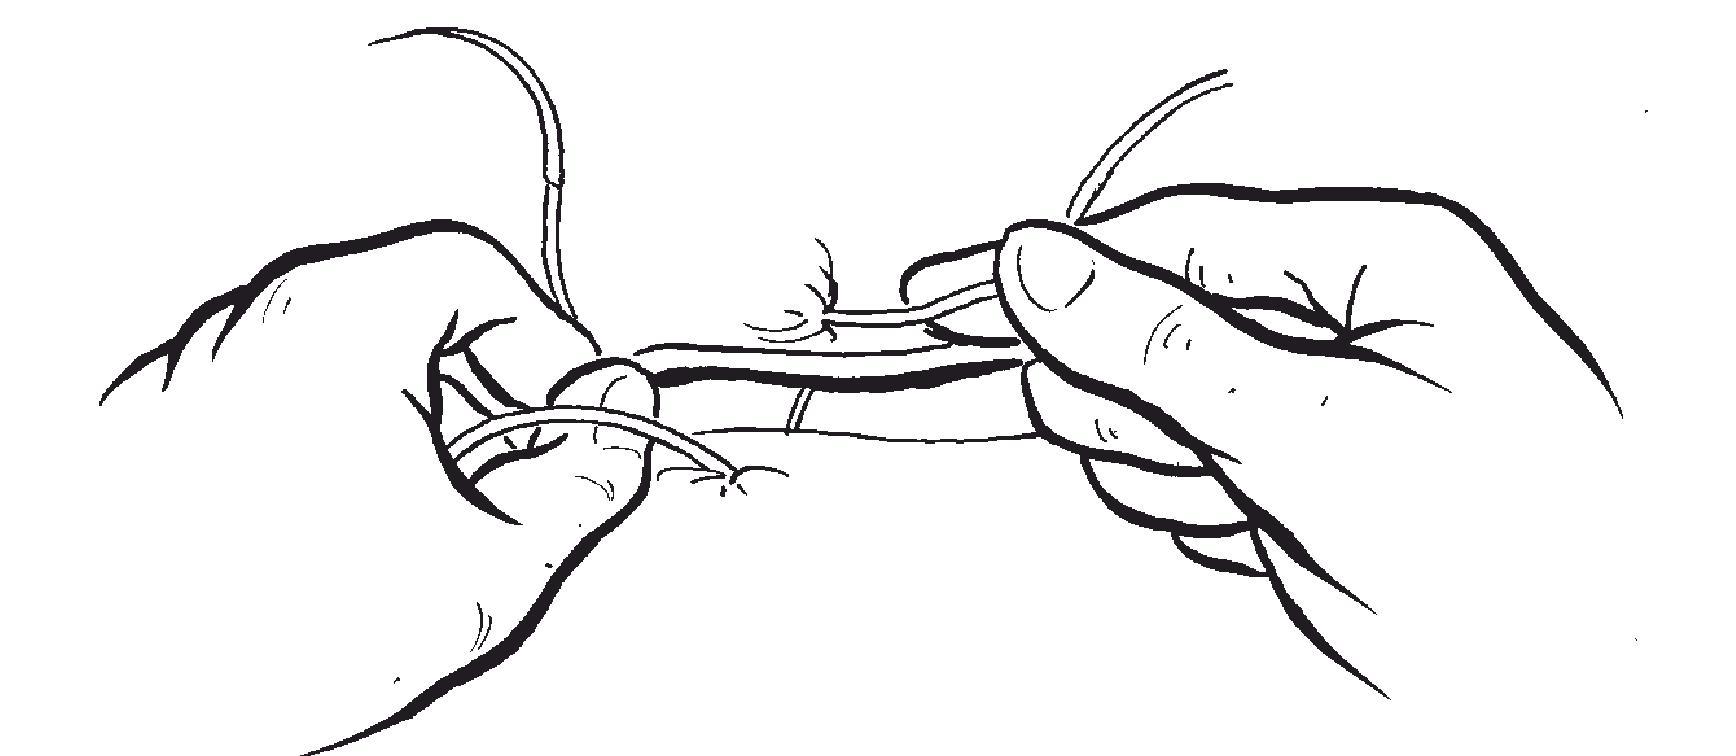 加快打结速度的方法-外科手术学-医学